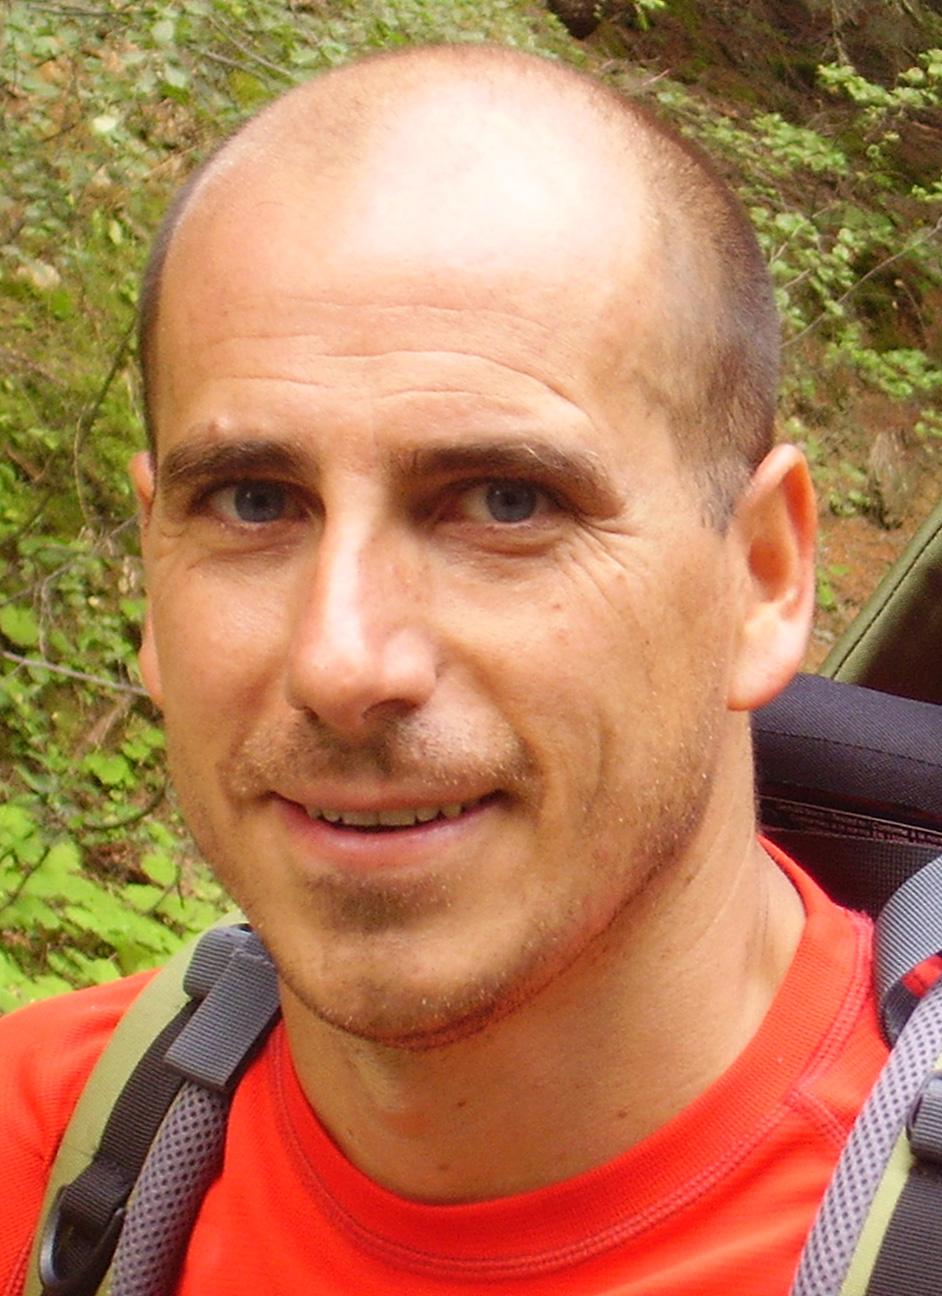 Luca Cristofolini